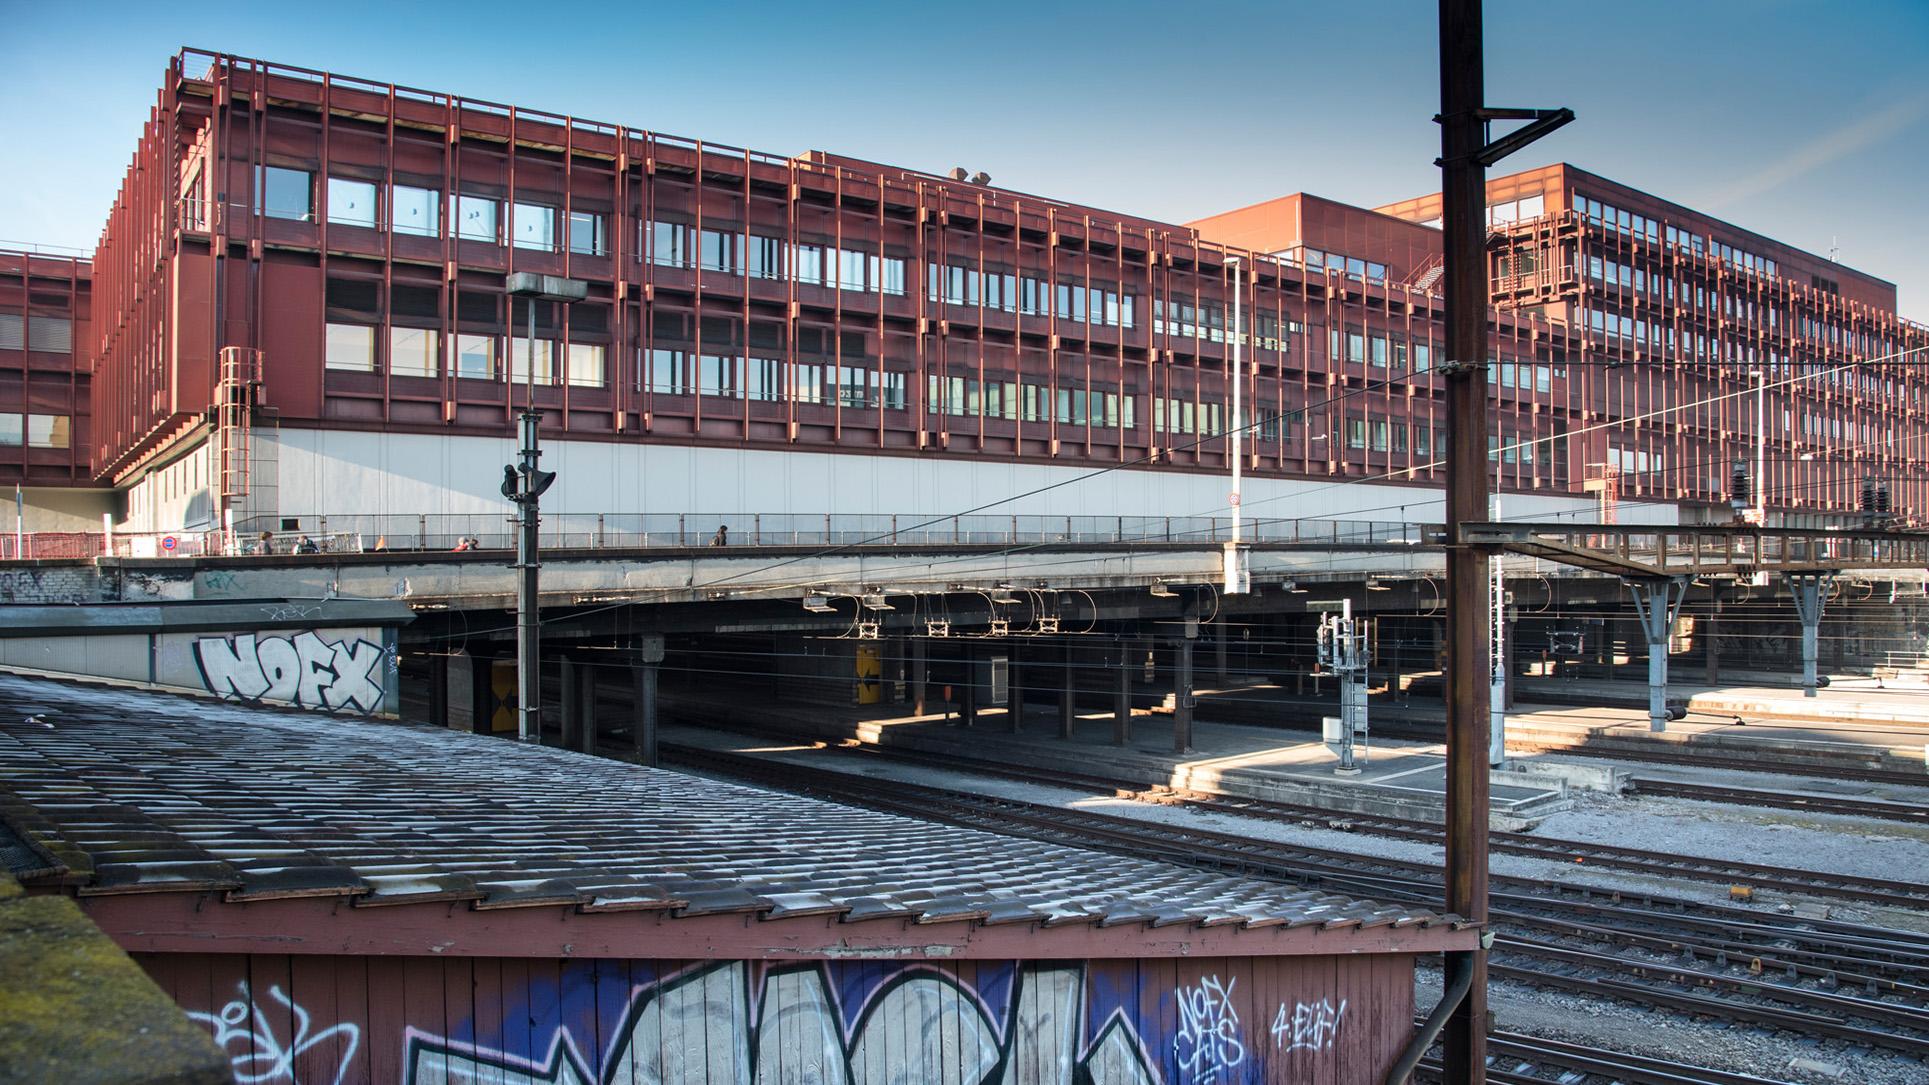 Vom Postreitergebäude sollen nur die Betonplatten erhalten bleiben, worauf das Gebäude steht.